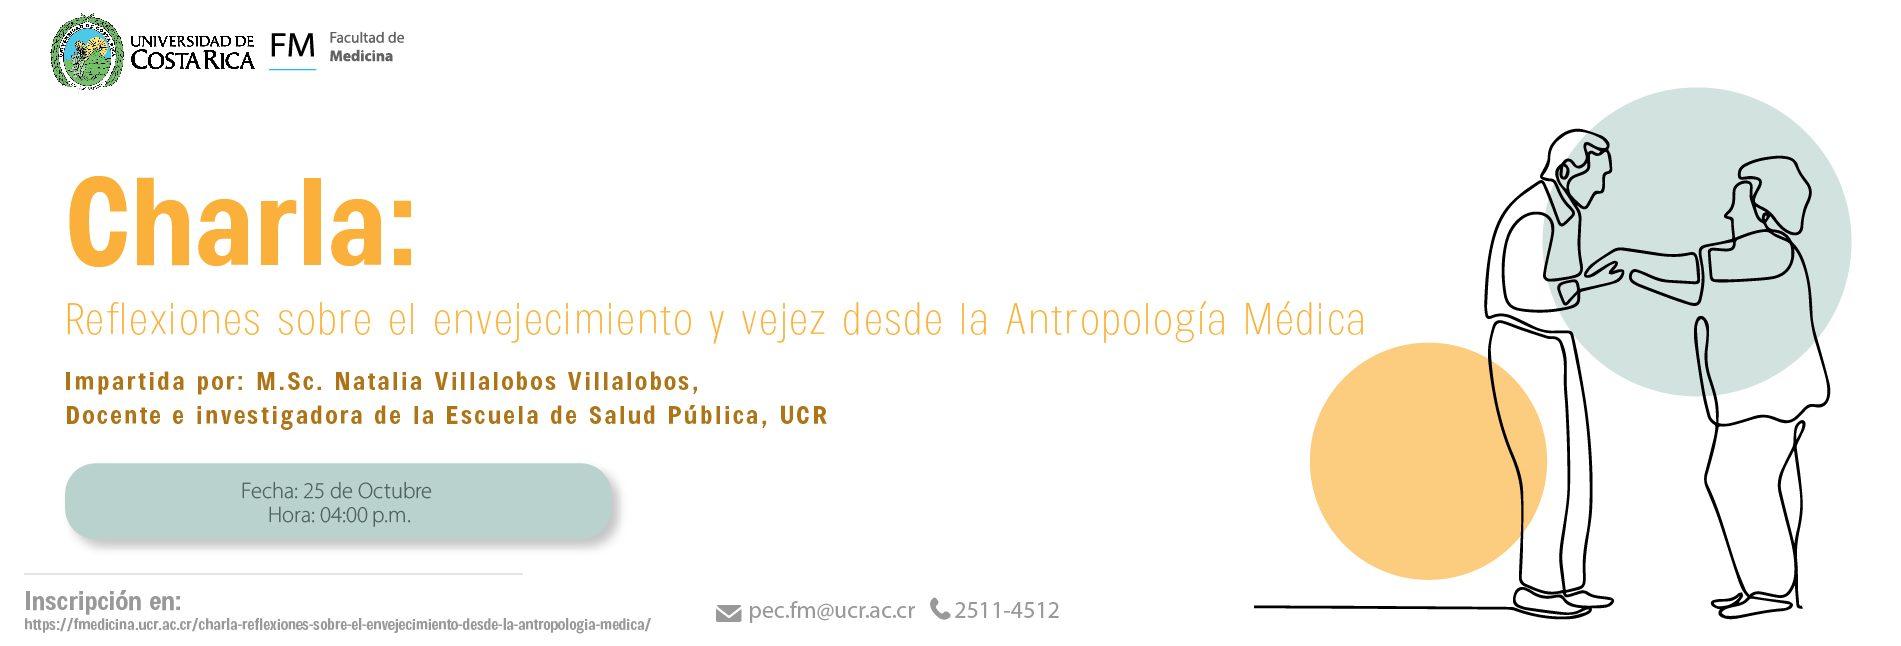 """Charla Virtual: """"Reflexiones sobre el envejecimiento desde la Antropología Médica"""""""